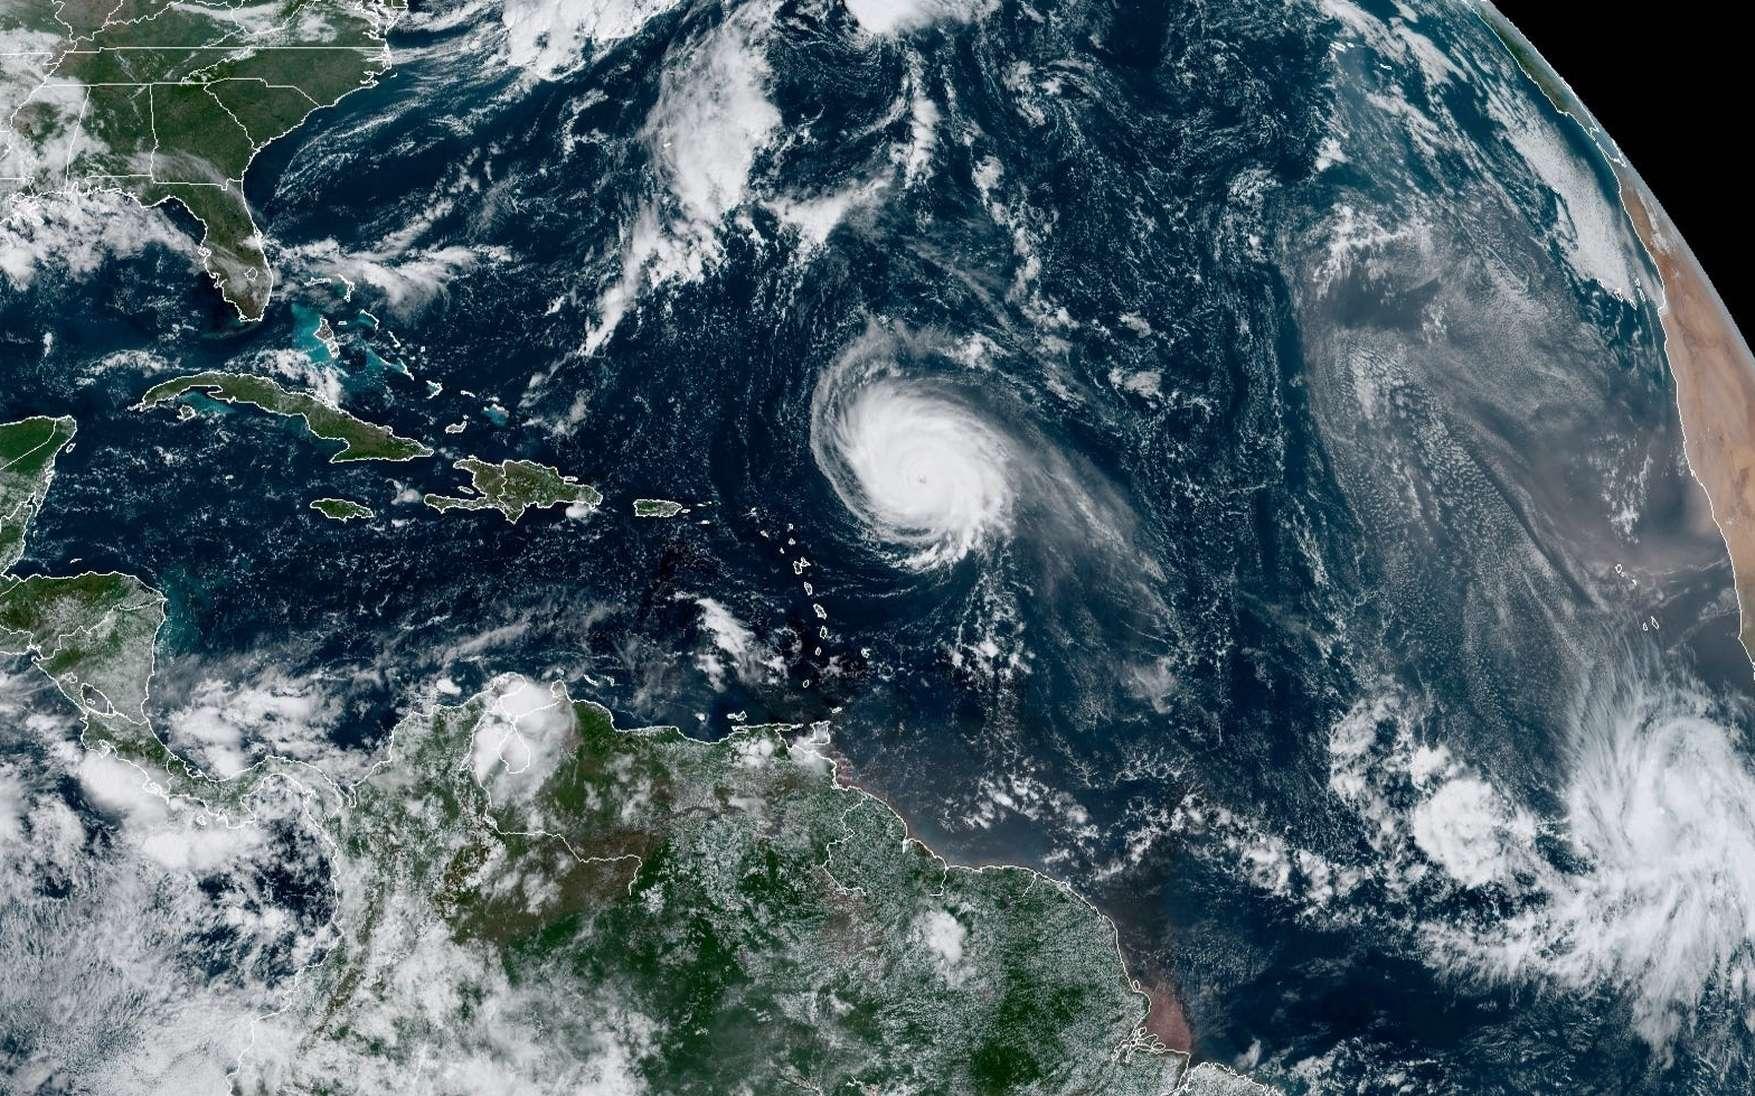 L'ouragan Sam, le 29 septembre, photographié par un satellite américain. © NOAA